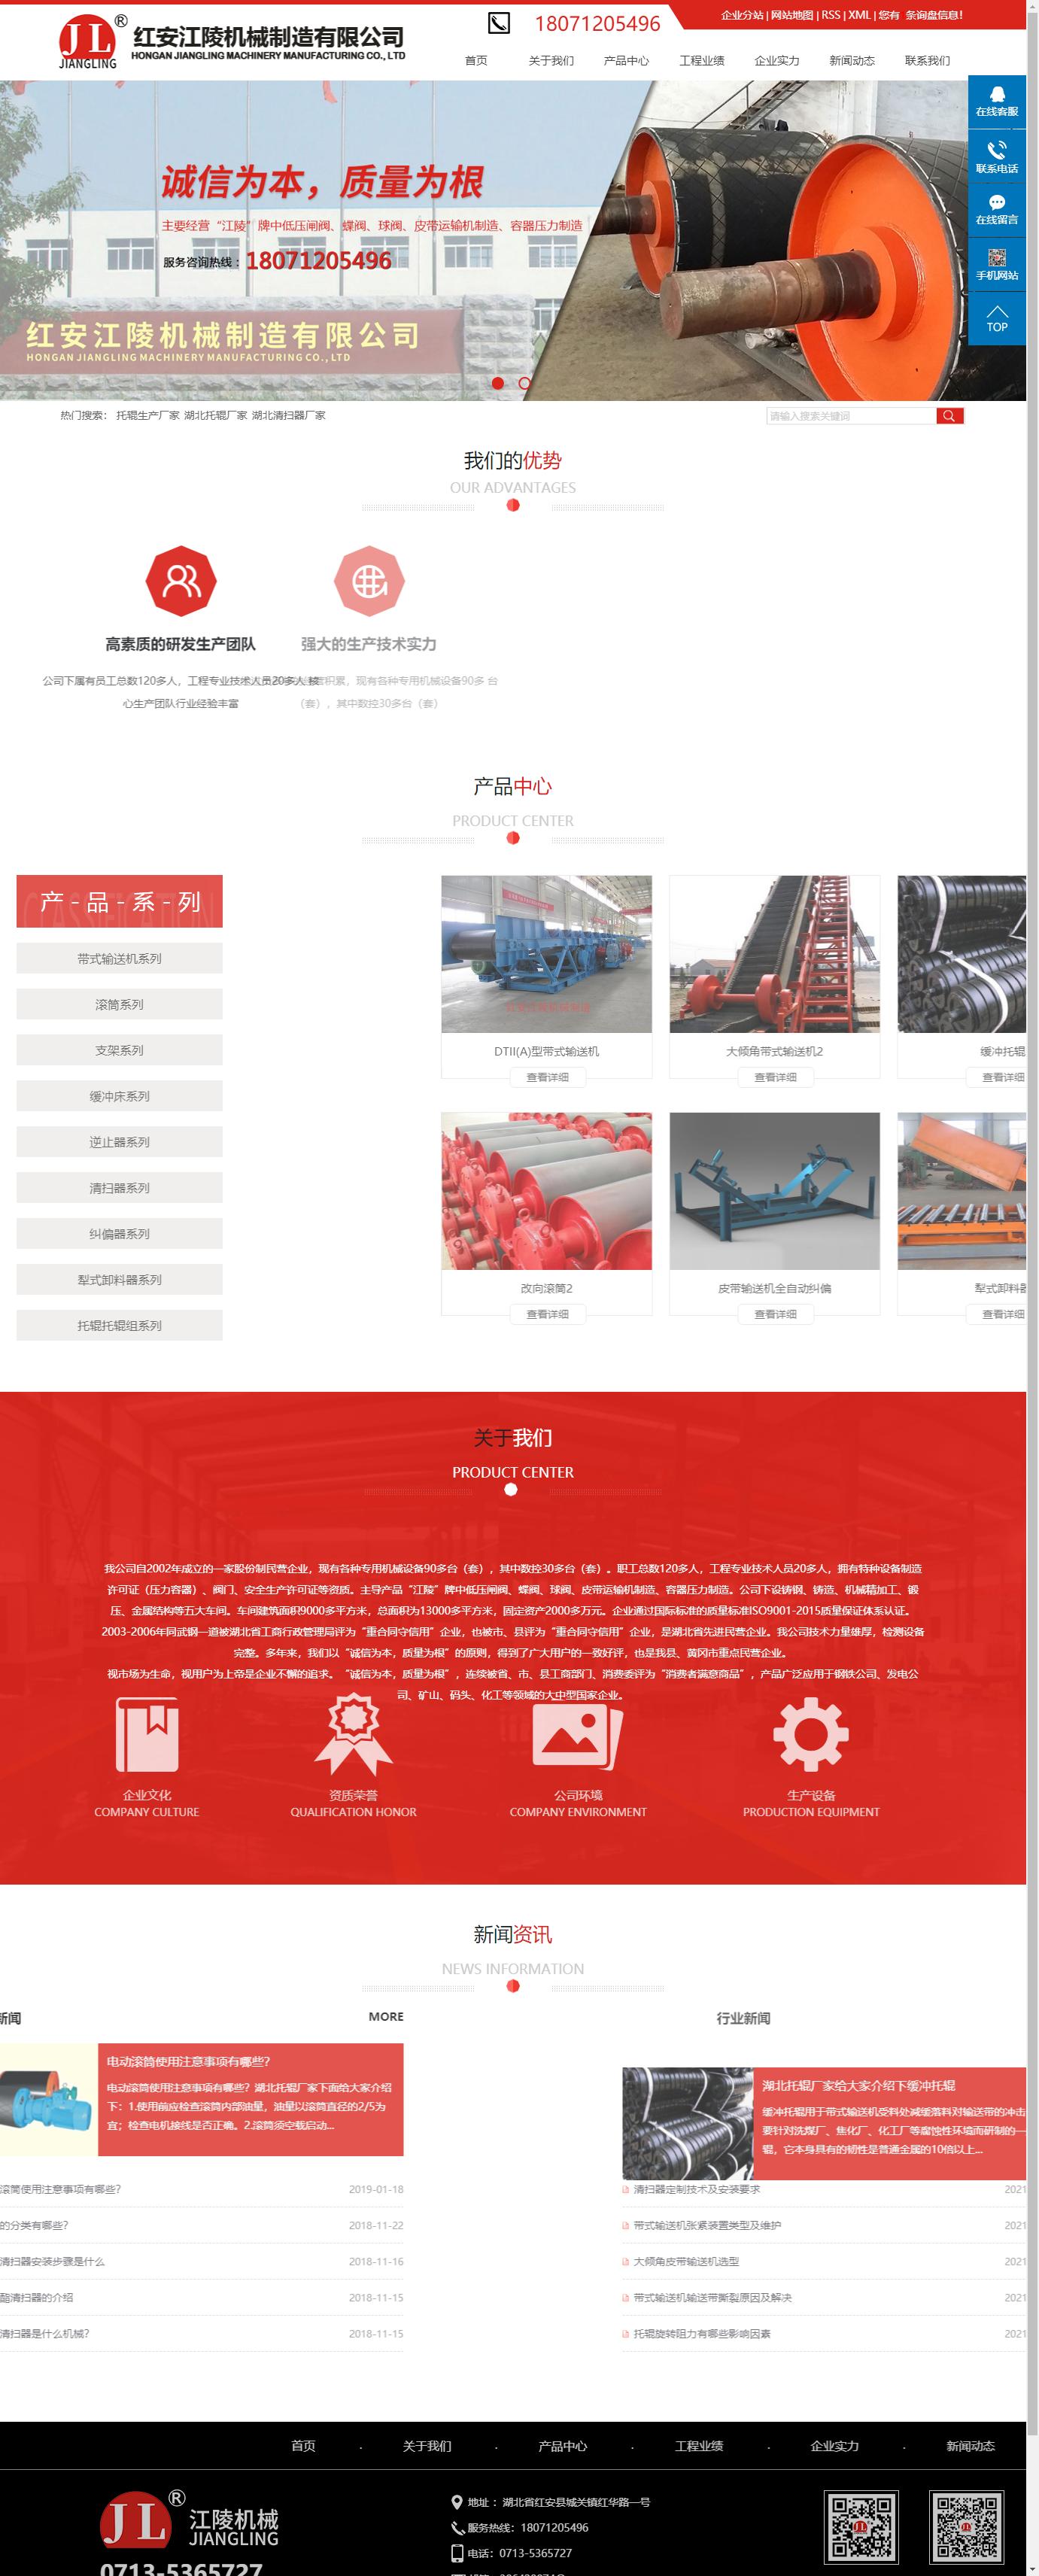 红安江陵机械制造有限公司网站案例